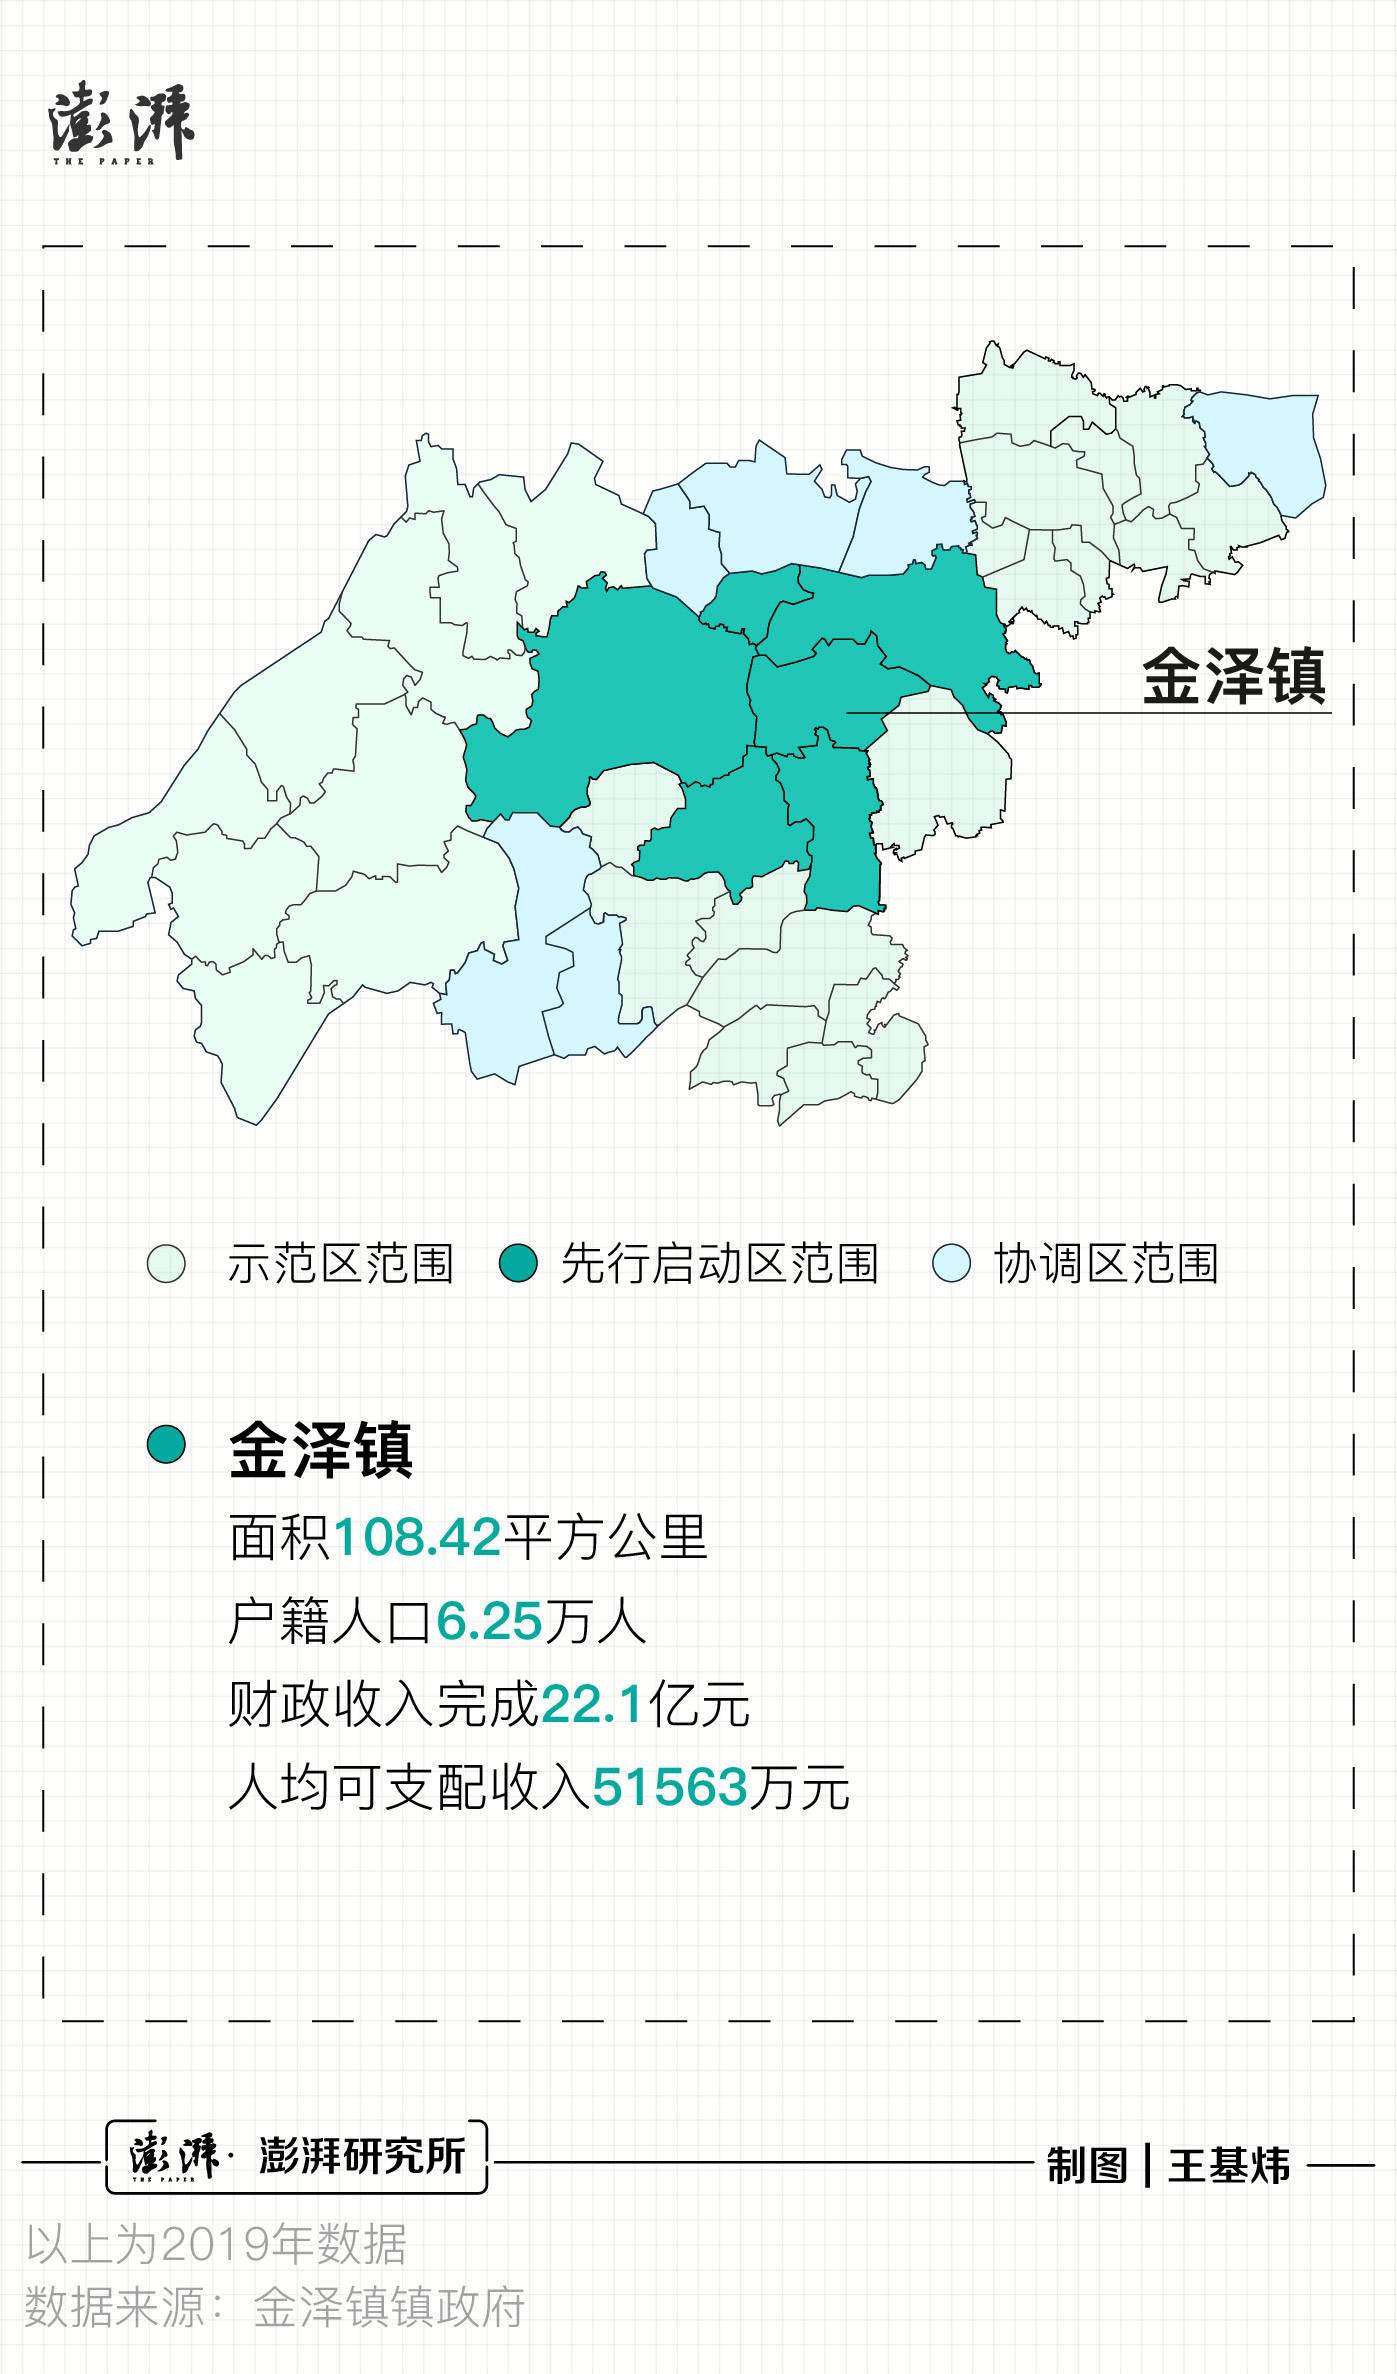 示范区一周年|上海青浦区金泽镇镇长孙茂谈华为研发中心